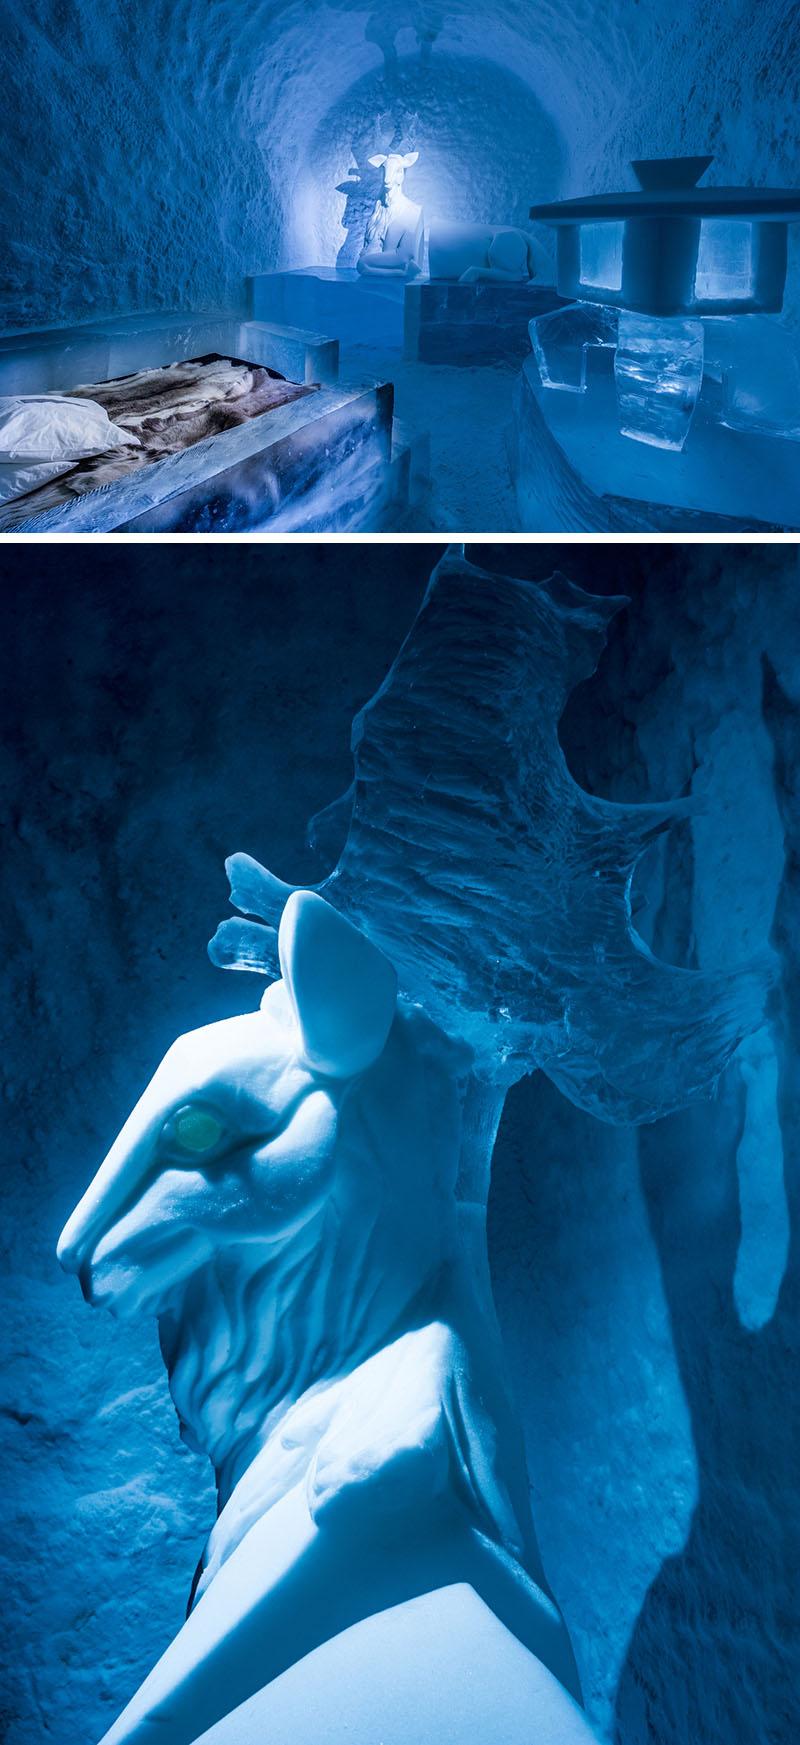 ice-hotel-art-ohdeer-011216-1145-01